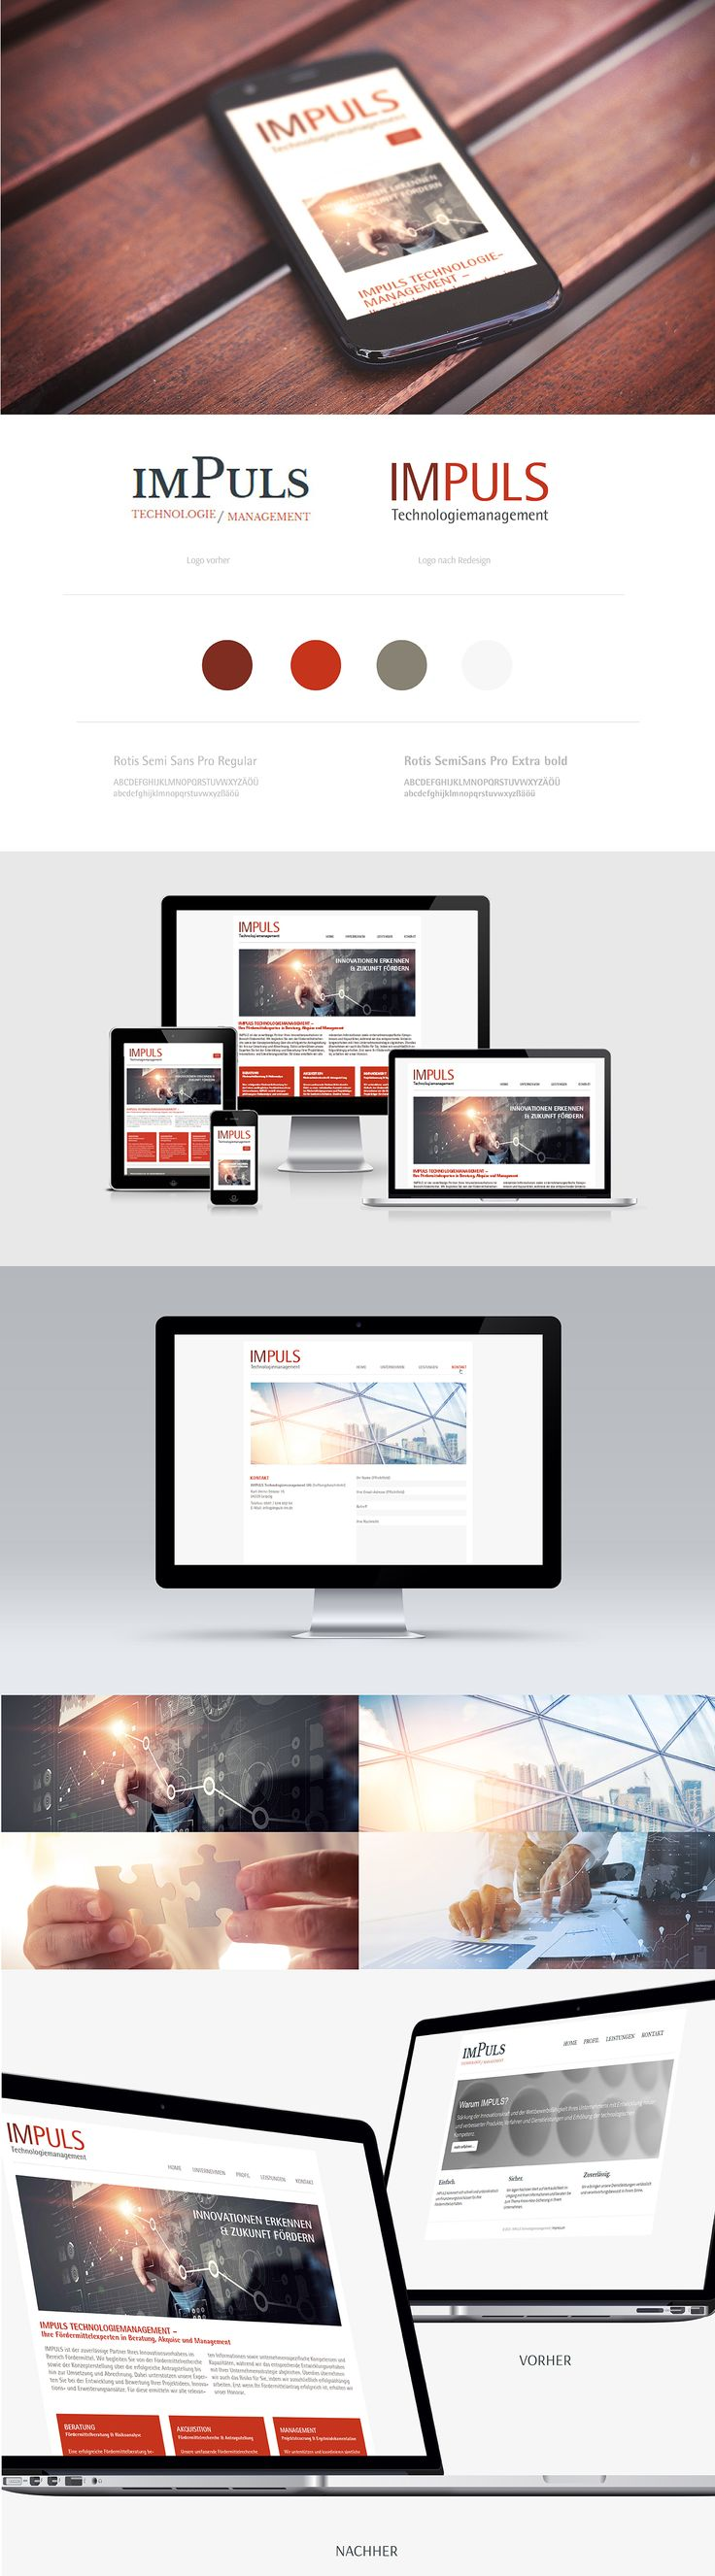 Zitronengrau Leipzig Webdesign Impuls Technologiemanagement Logodesign